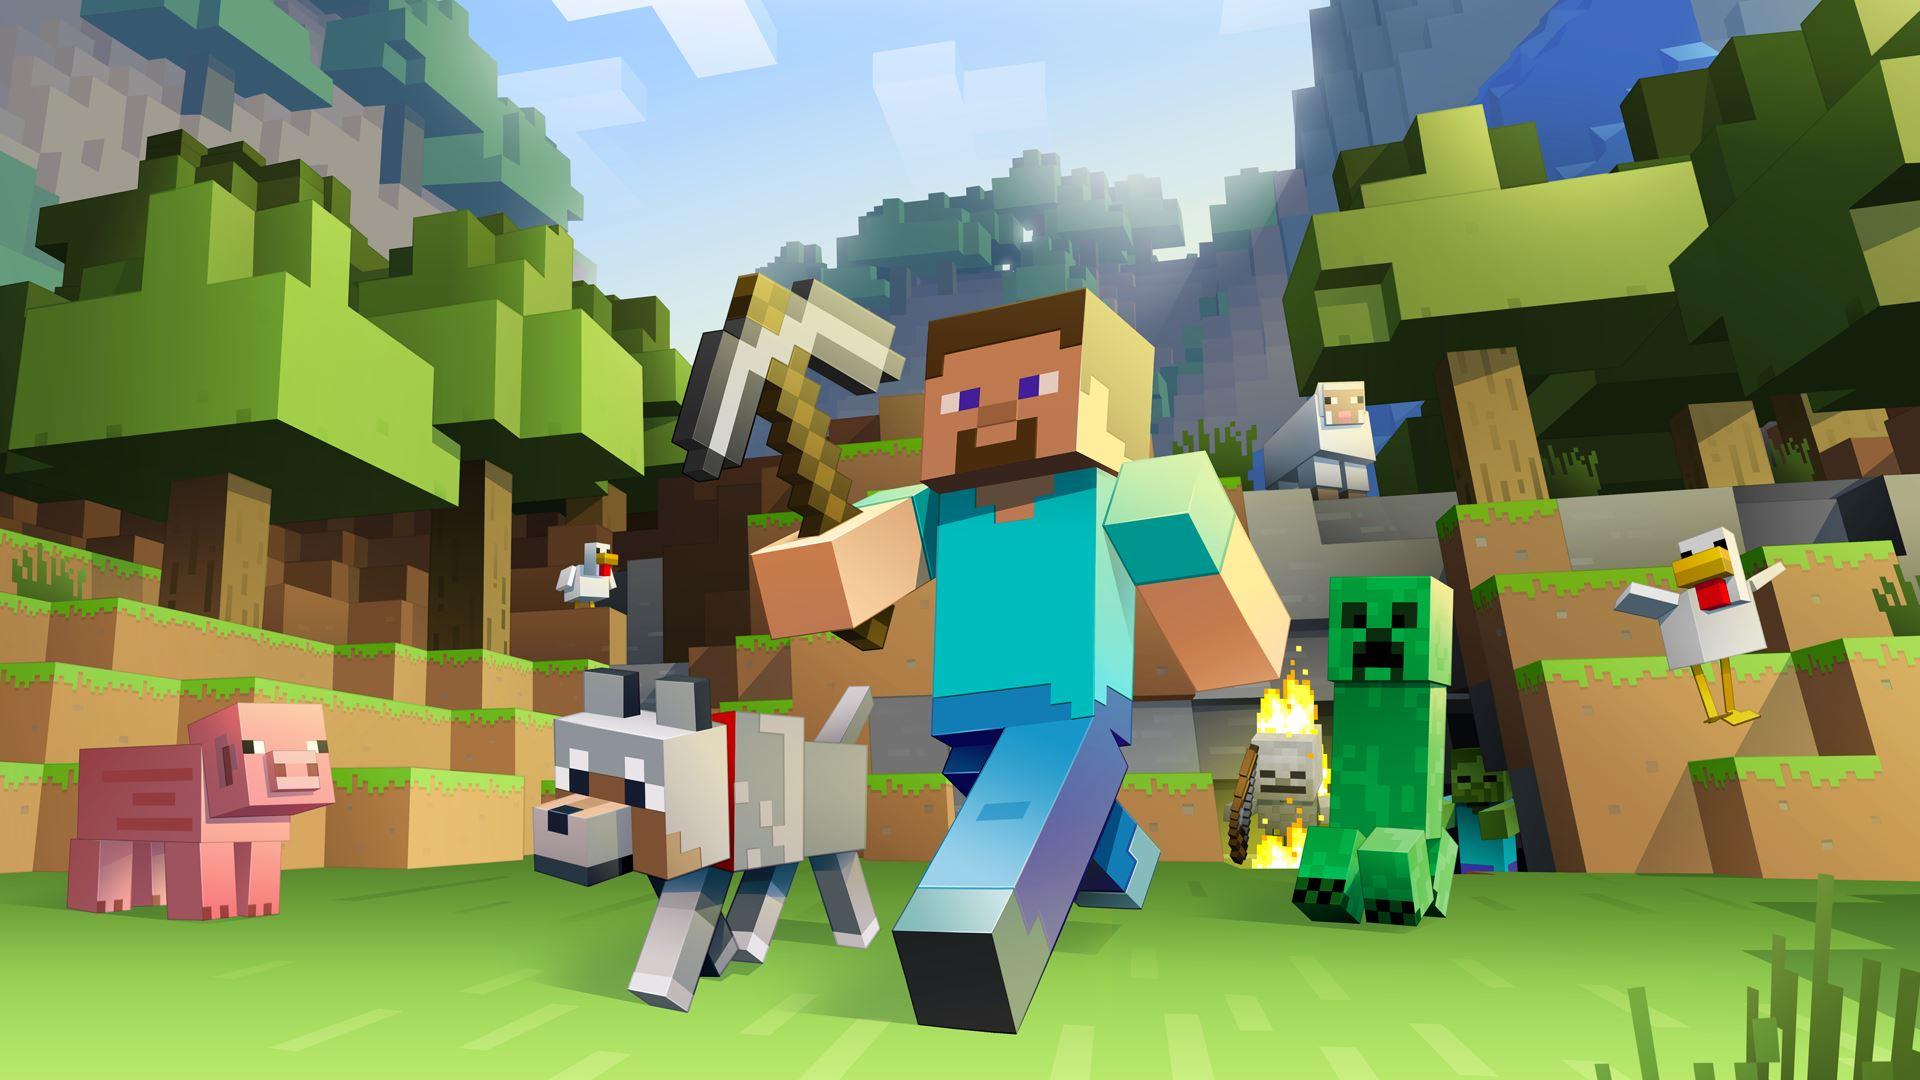 Minecraft компания официальный сайт транспортная компания сдэк официальный сайт новосибирск